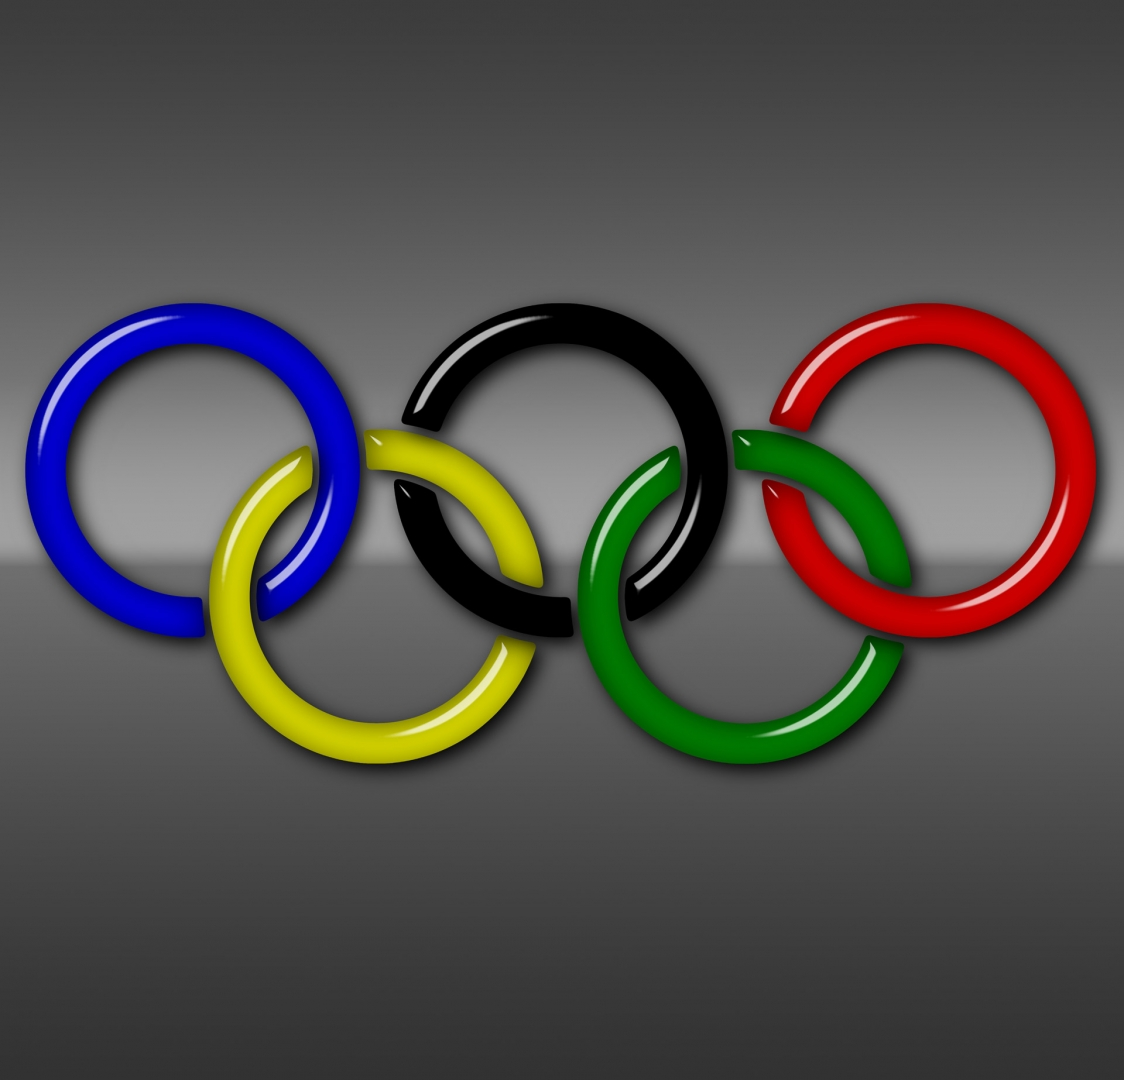 Олимпийские круги картинки